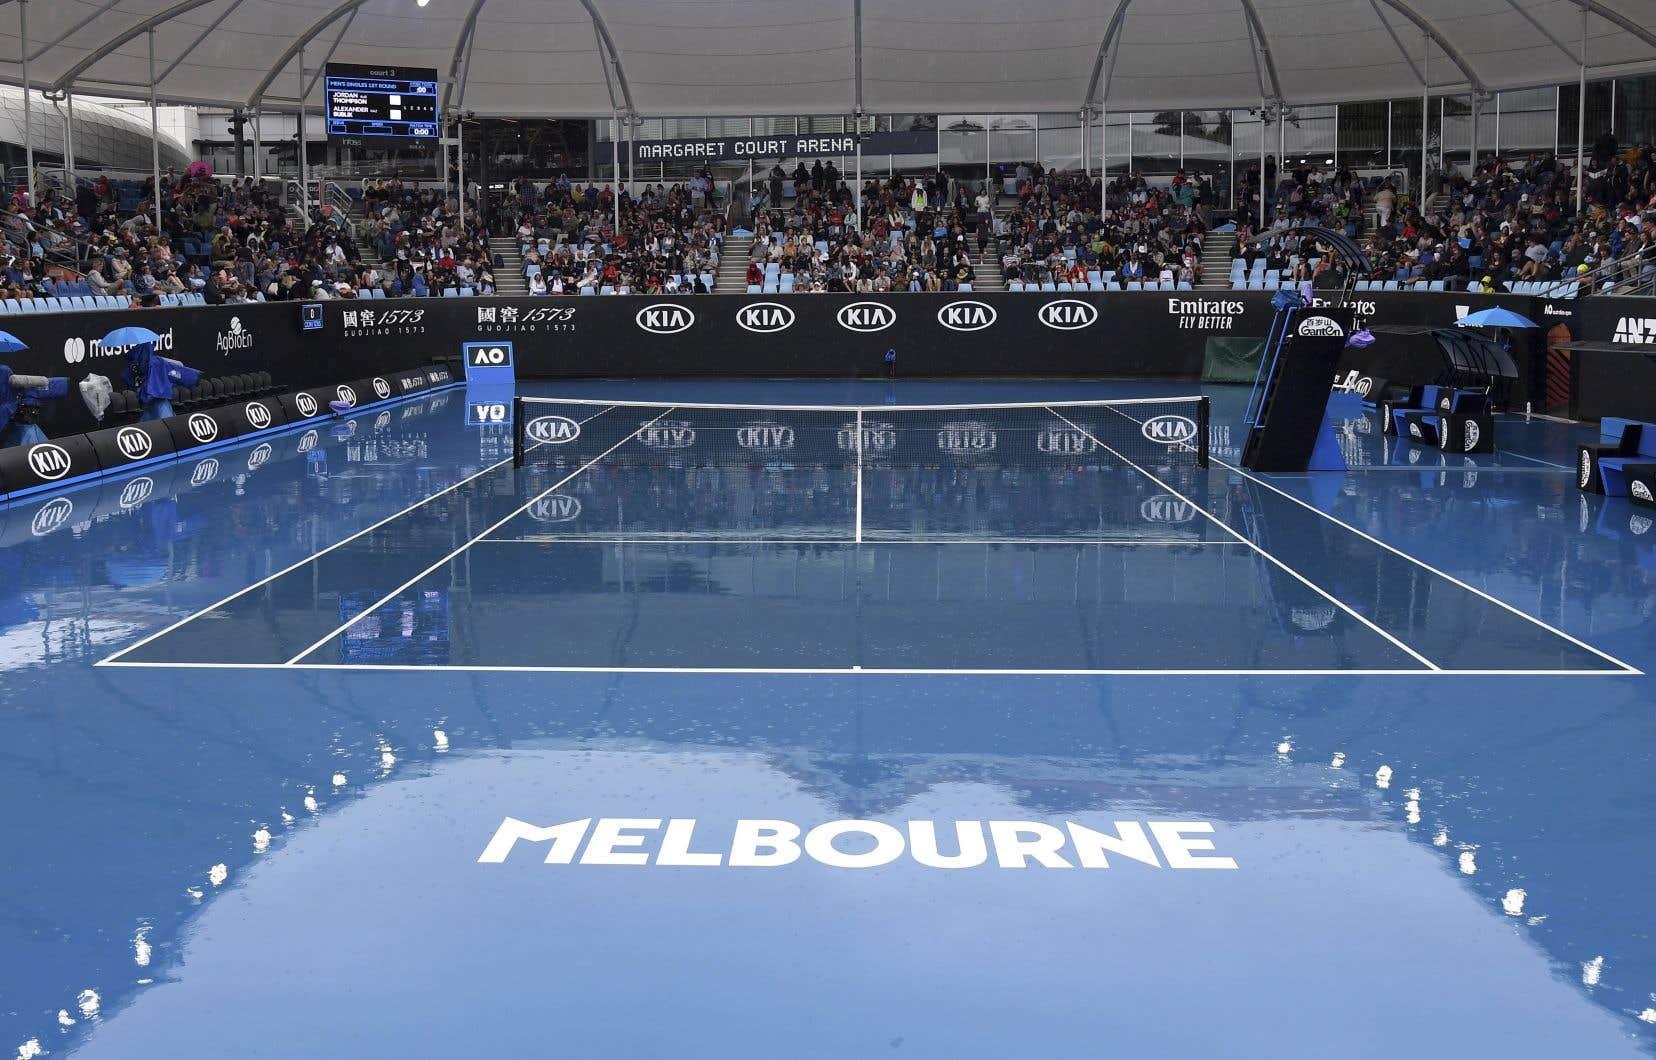 La première journée des Internationaux d'Australie a été perturbée par la pluie, provoquant le report de 32 matchs.